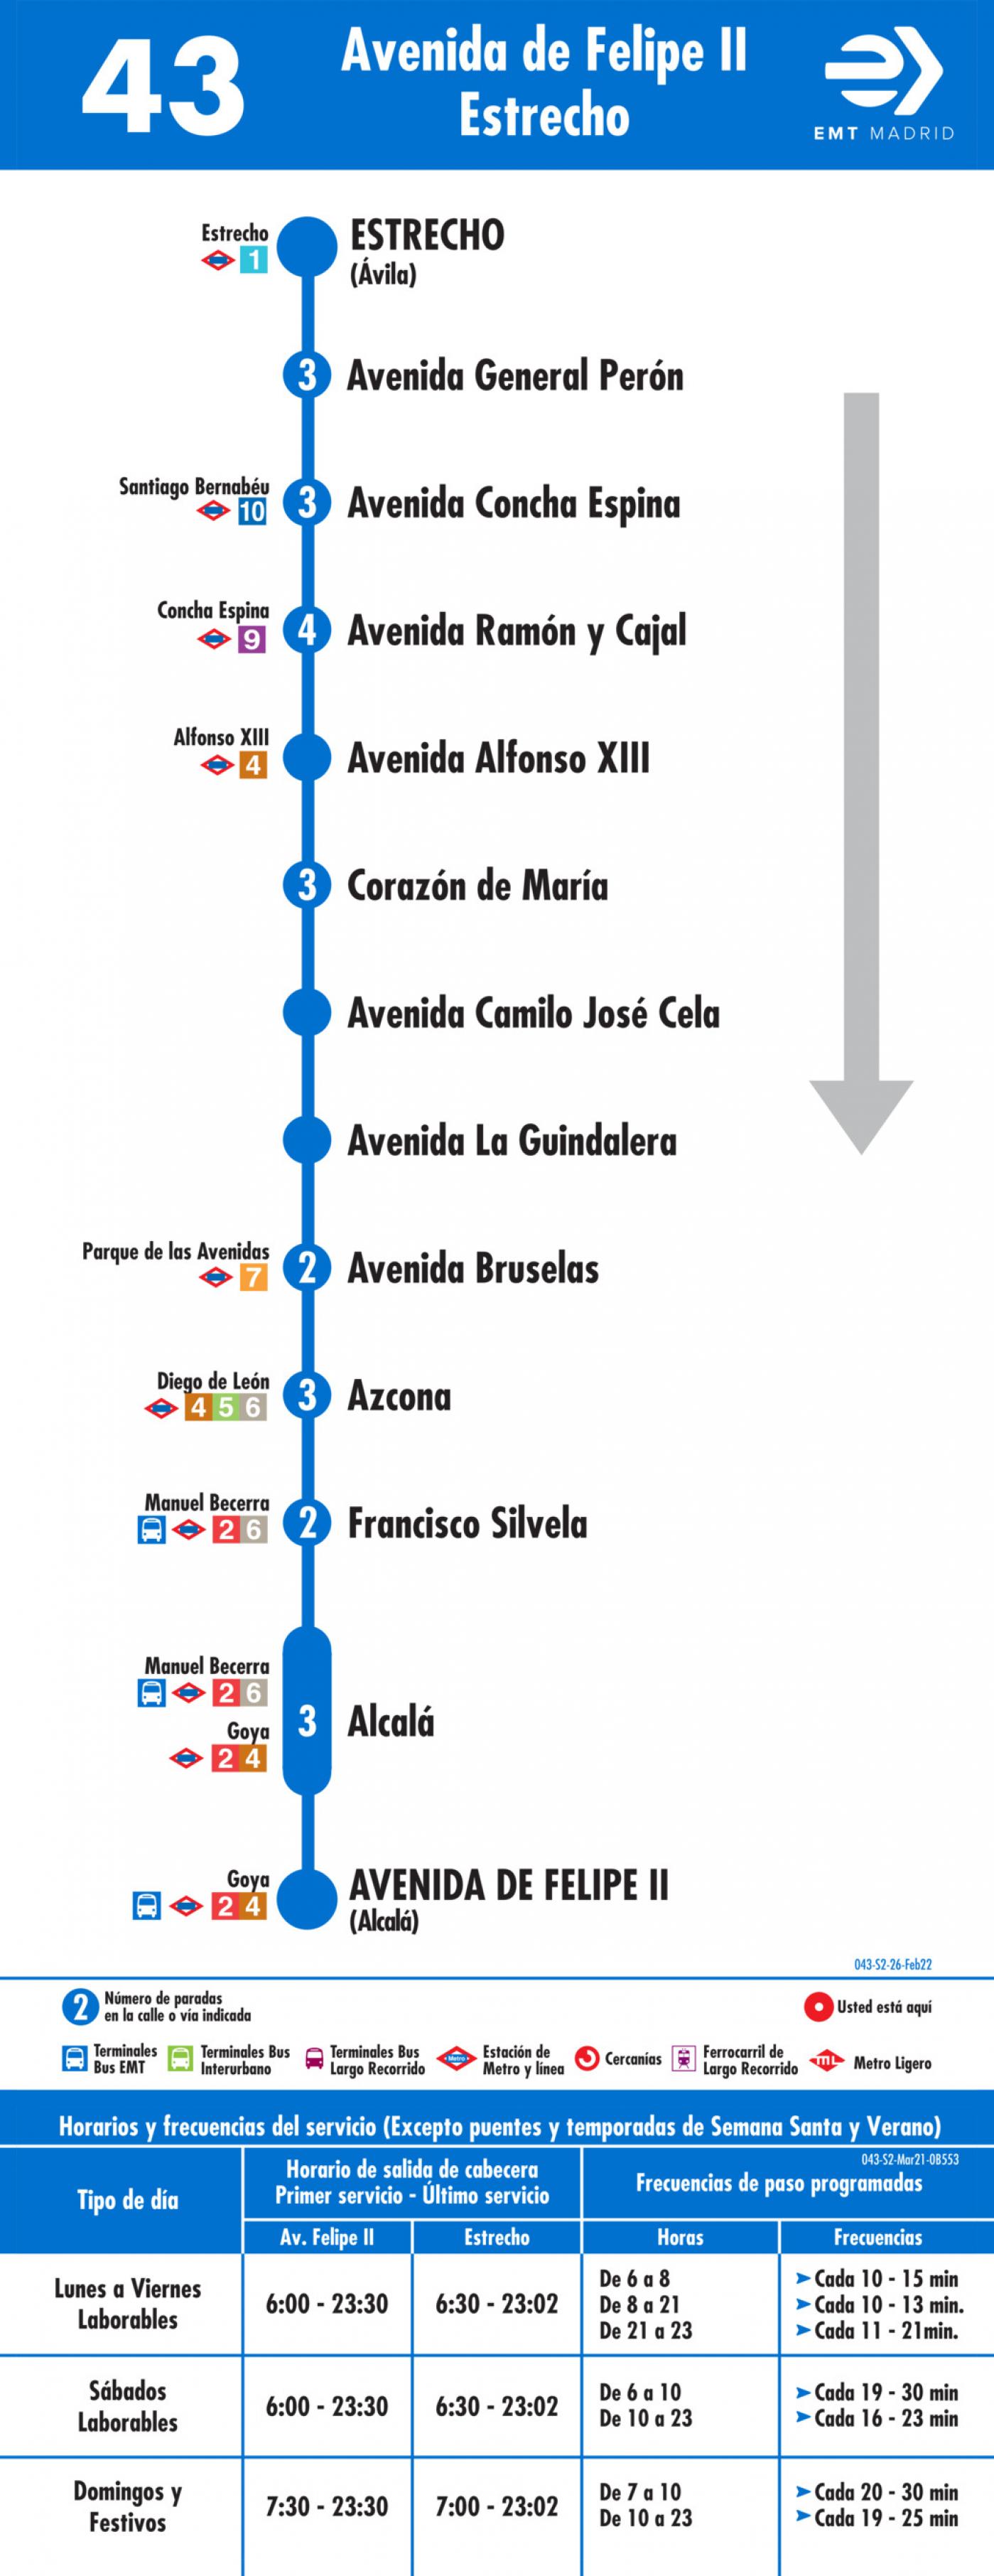 Tabla de horarios y frecuencias de paso en sentido vuelta Línea 43: Avenida de Felipe II - Estrecho